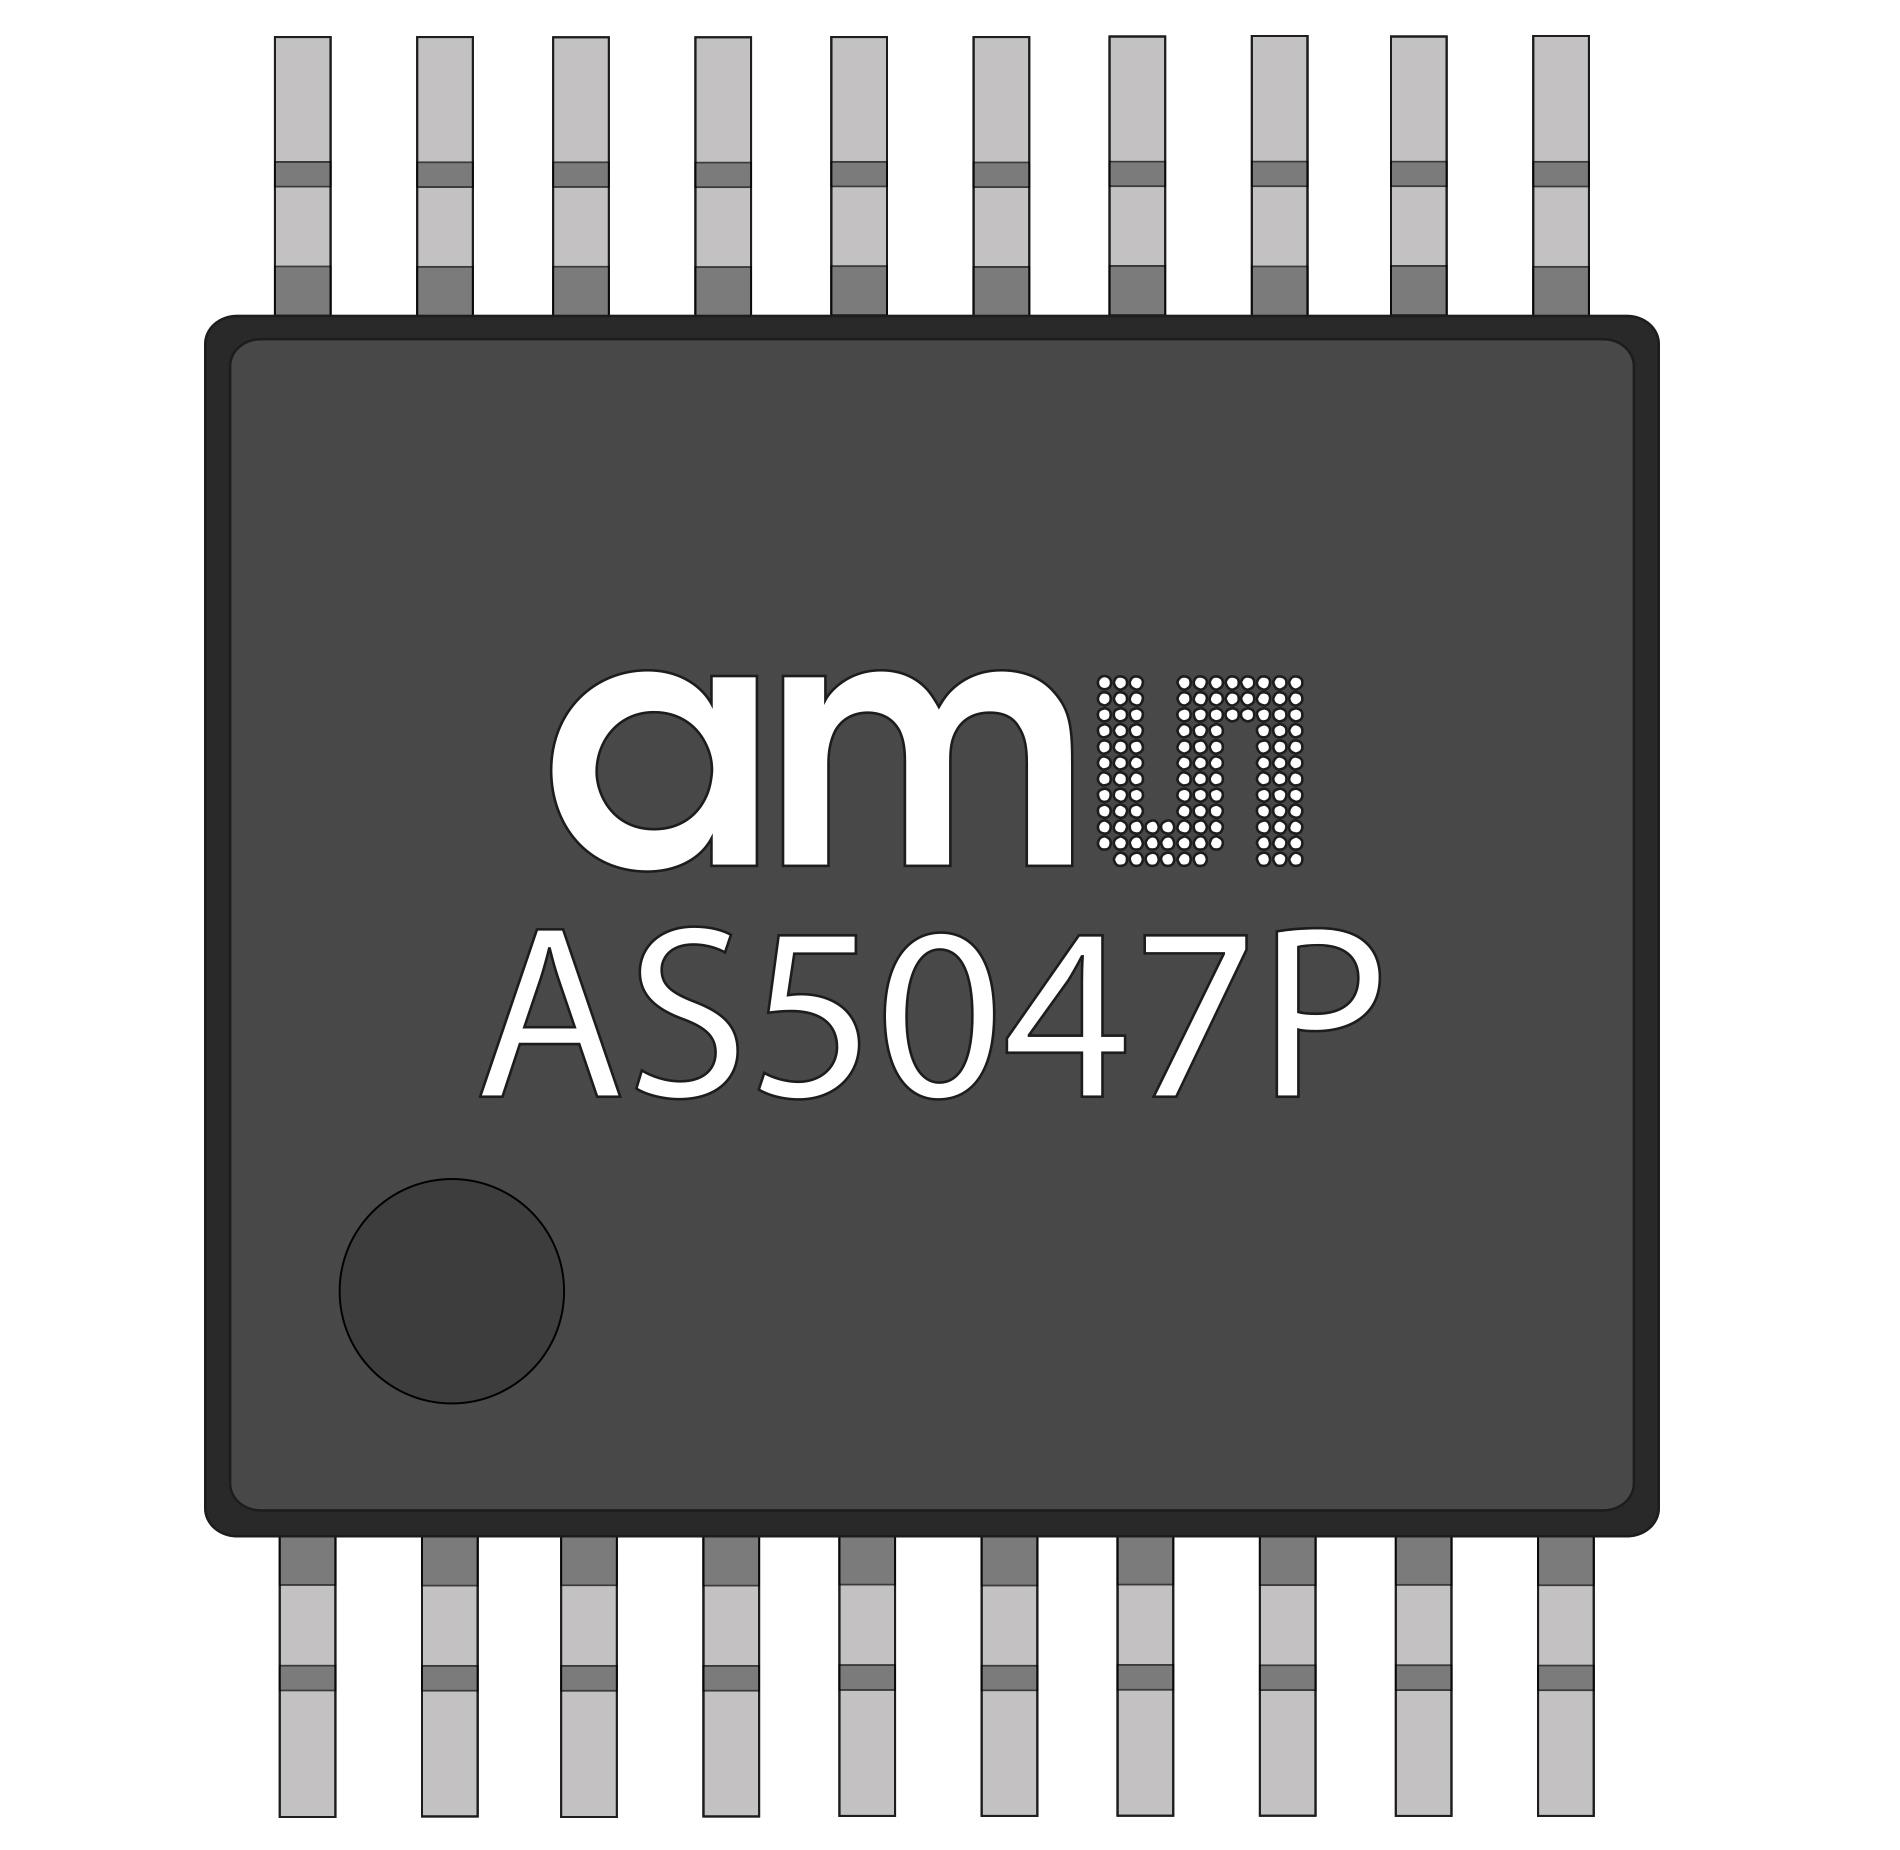 AS5047P_TSSOP14_PackagePic.jpg